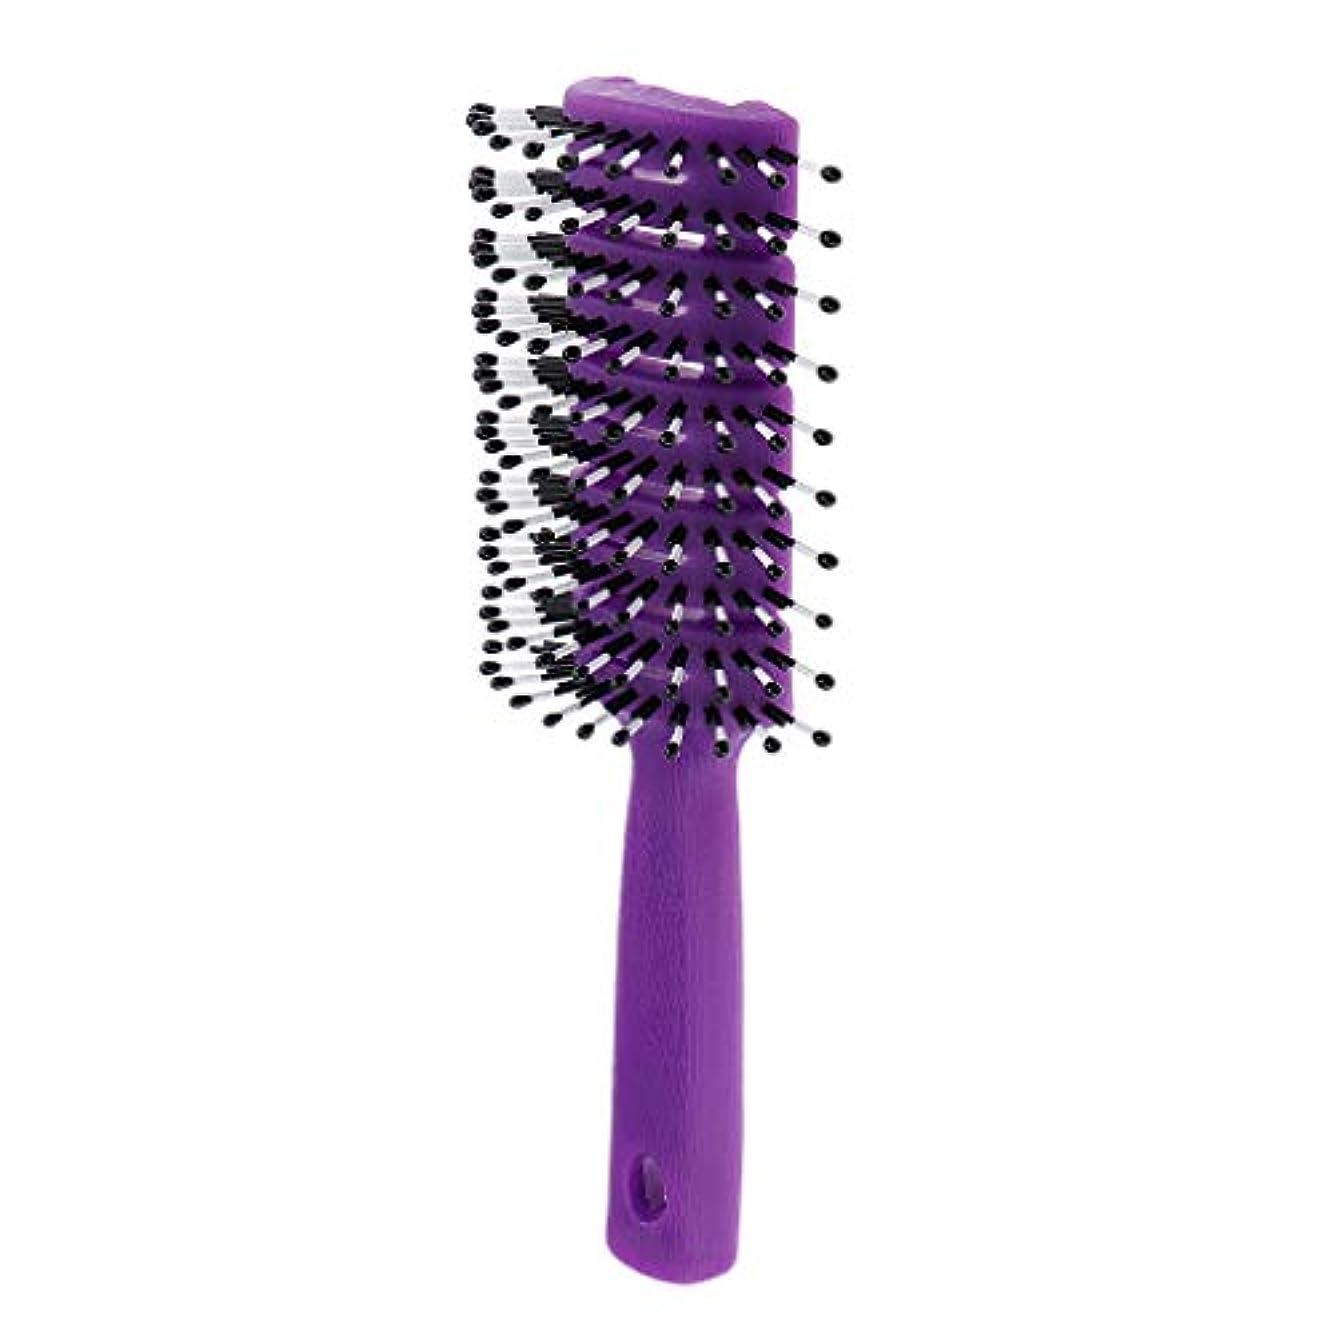 効能あるビン移行F Fityle ヘアブラシ ユニセックス 静電防止櫛 ヘアケア ヘアスタイリング ヘアコーム 3色選べ - 紫